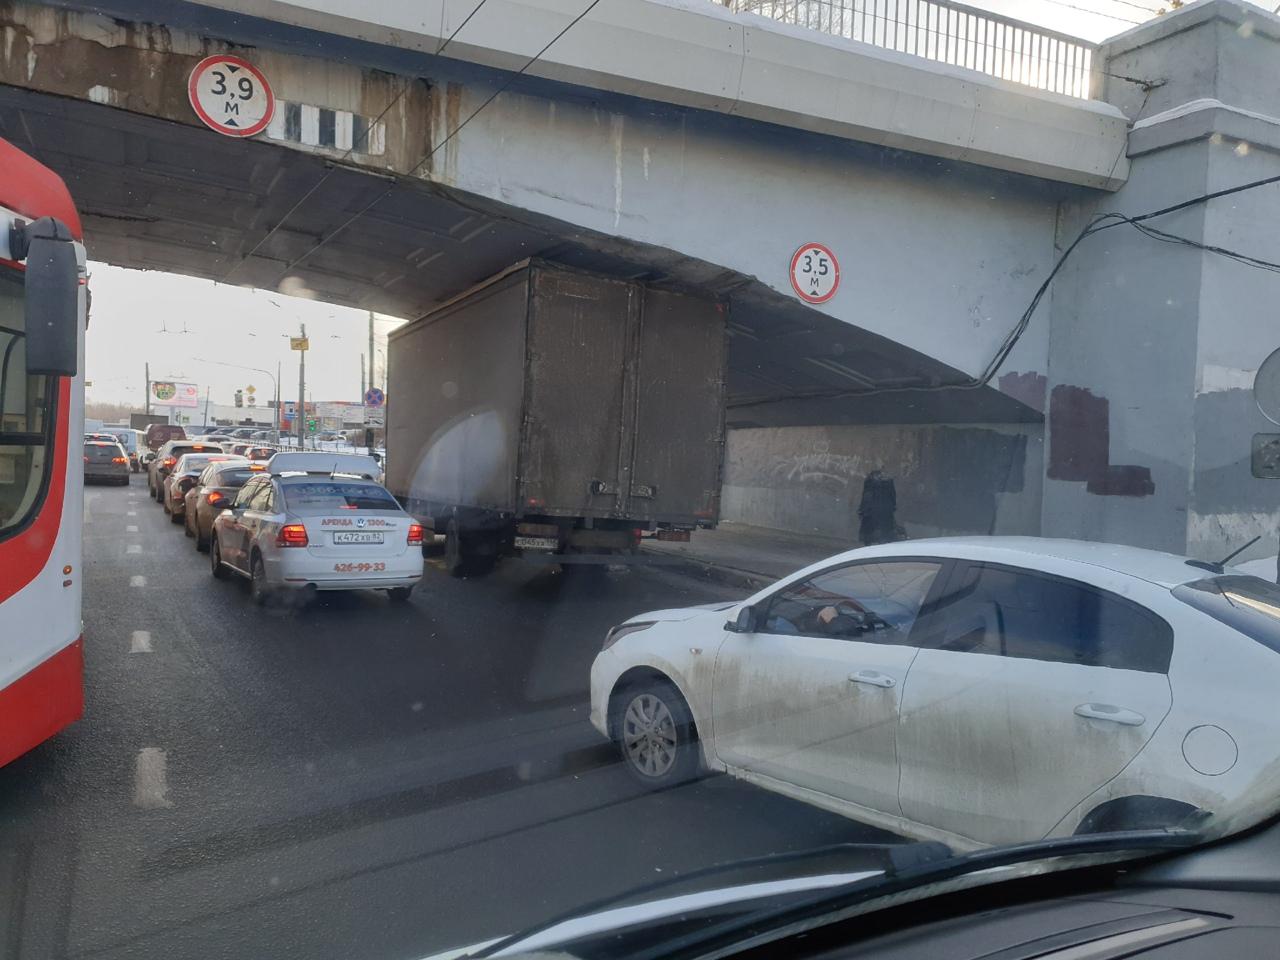 Н - не пролез.. Не мост глупости, но всё же. Газель не прошла под ж/д мостом на Дальневосточном.